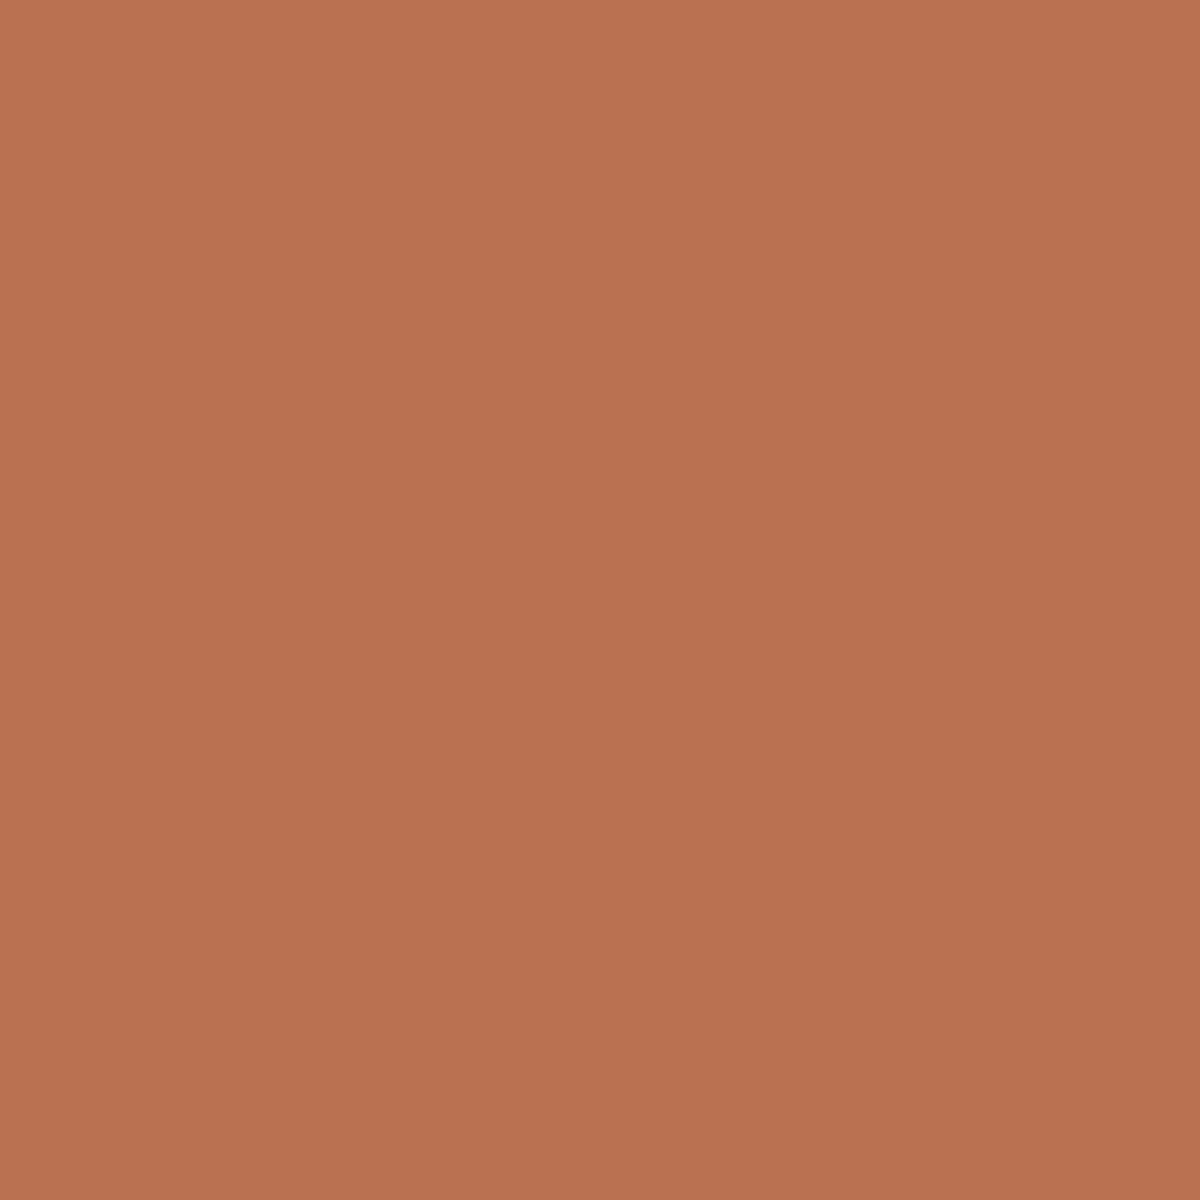 Smalto per pavimenti interni V33 rosso 2.5 L - 1